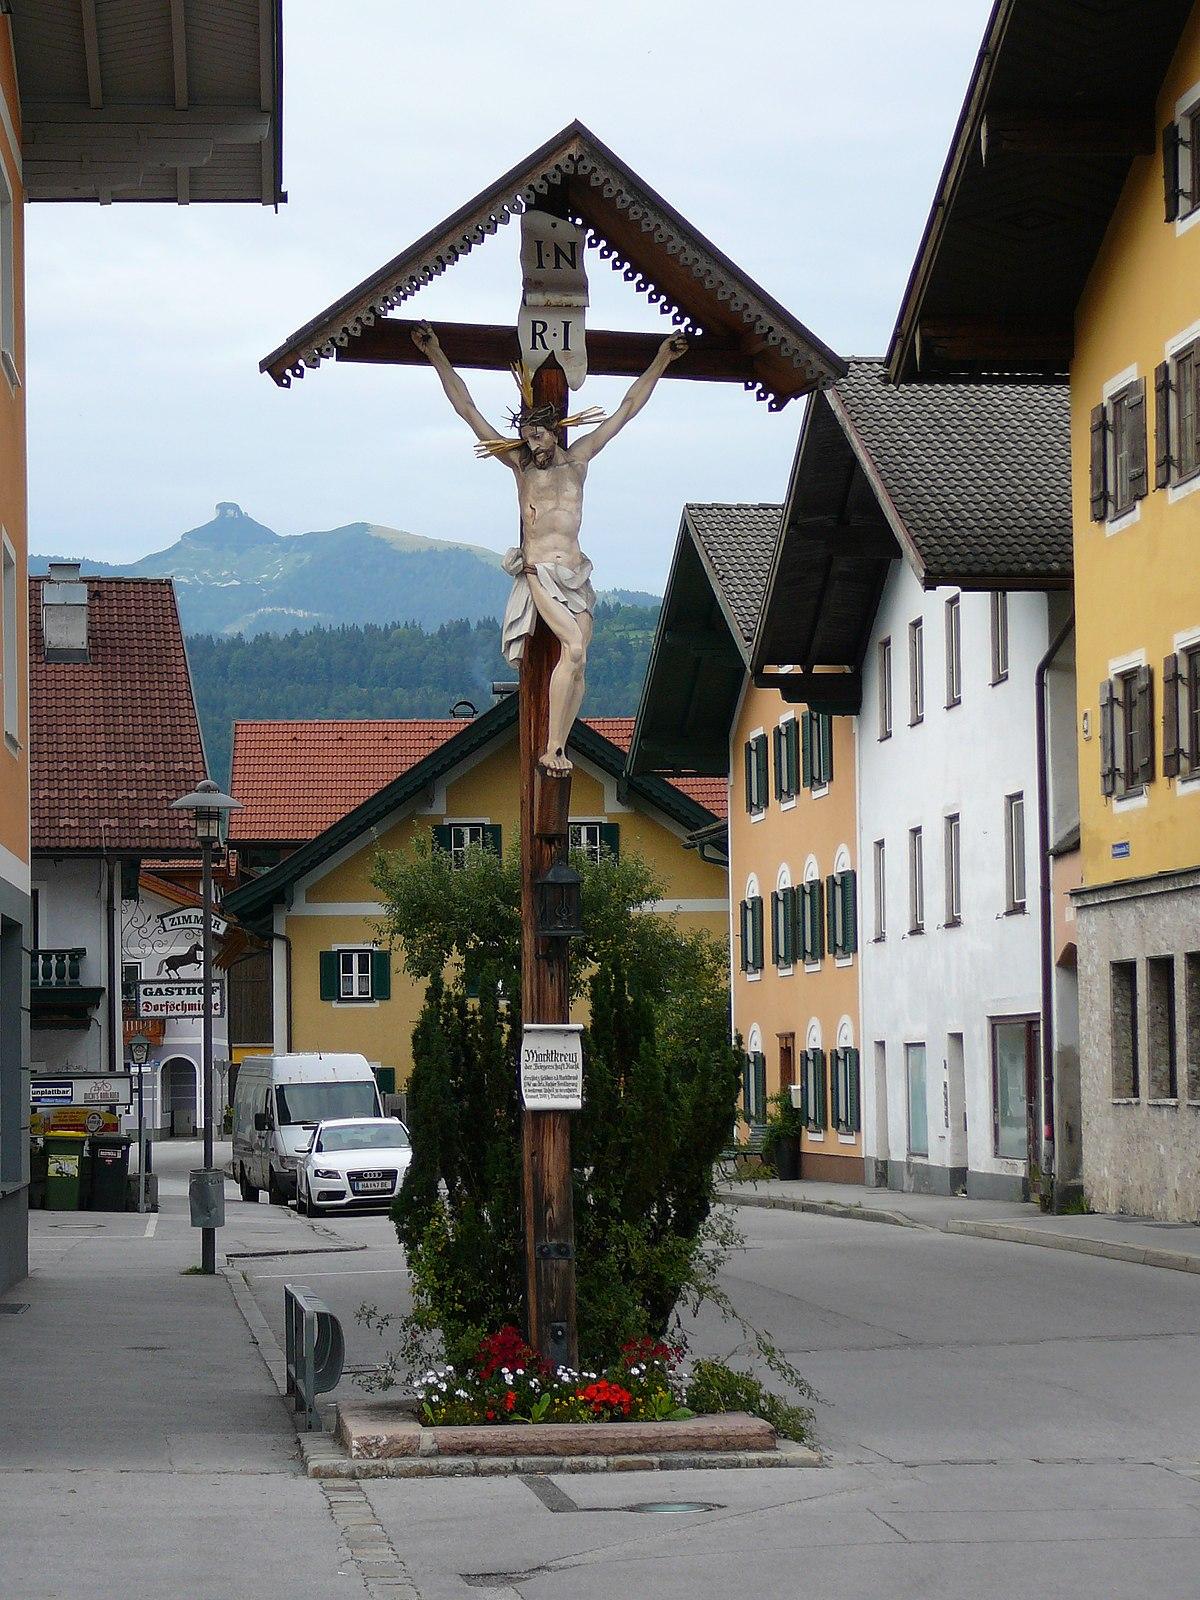 Kuchl, Austria Events This Week | Eventbrite